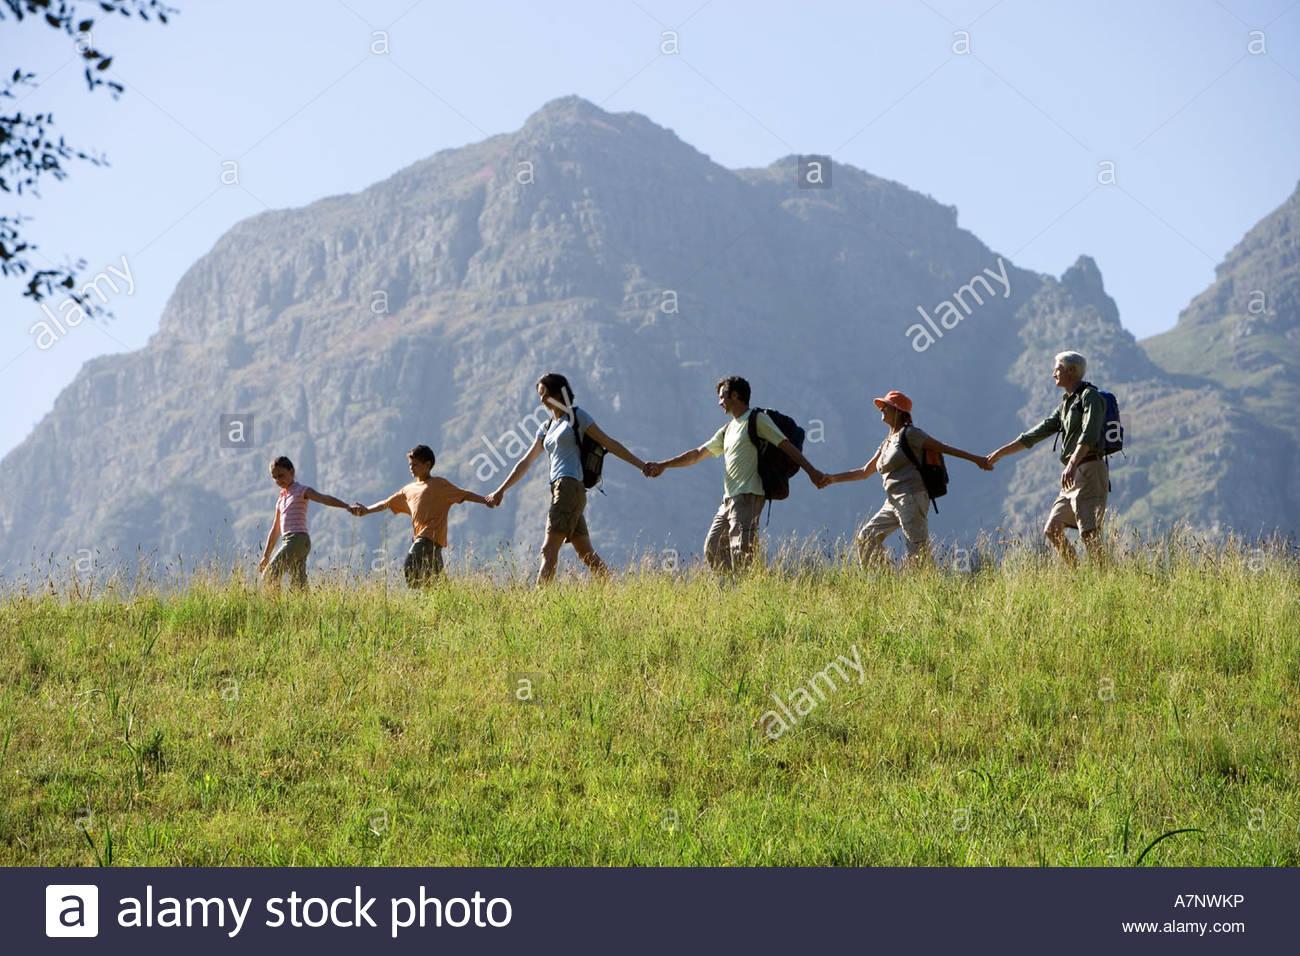 Wandern auf Bergweg zu Fuß in Linie alle Generationen Mehrfamilienhaus Händchenhalten Seitenansicht Stockbild